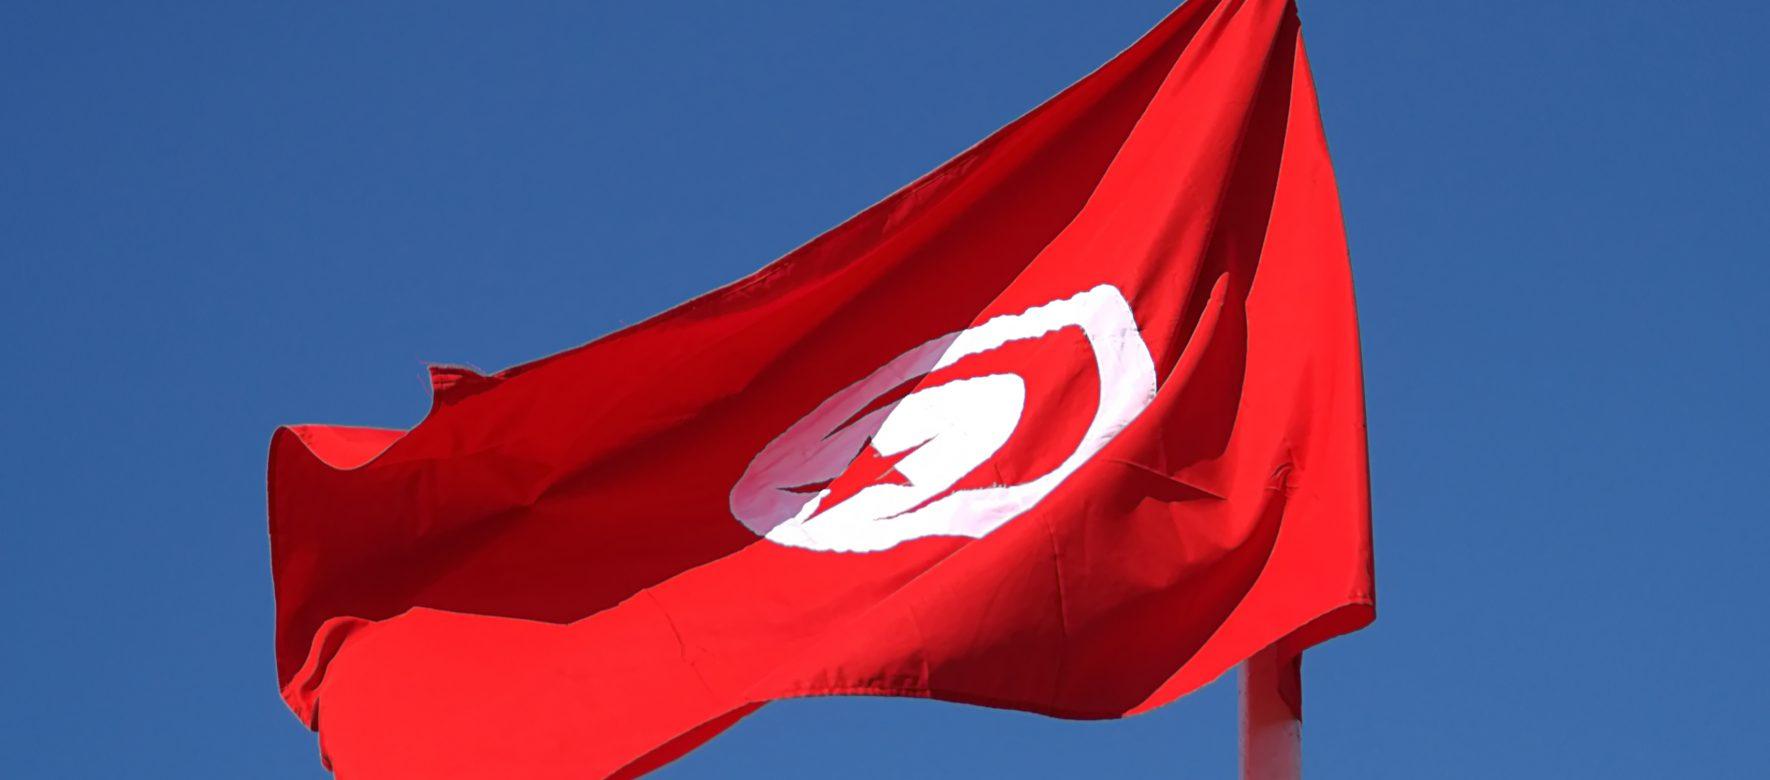 La corruption fait perdre à l'Etat tunisien 25% de la valeur totale des marchés publics